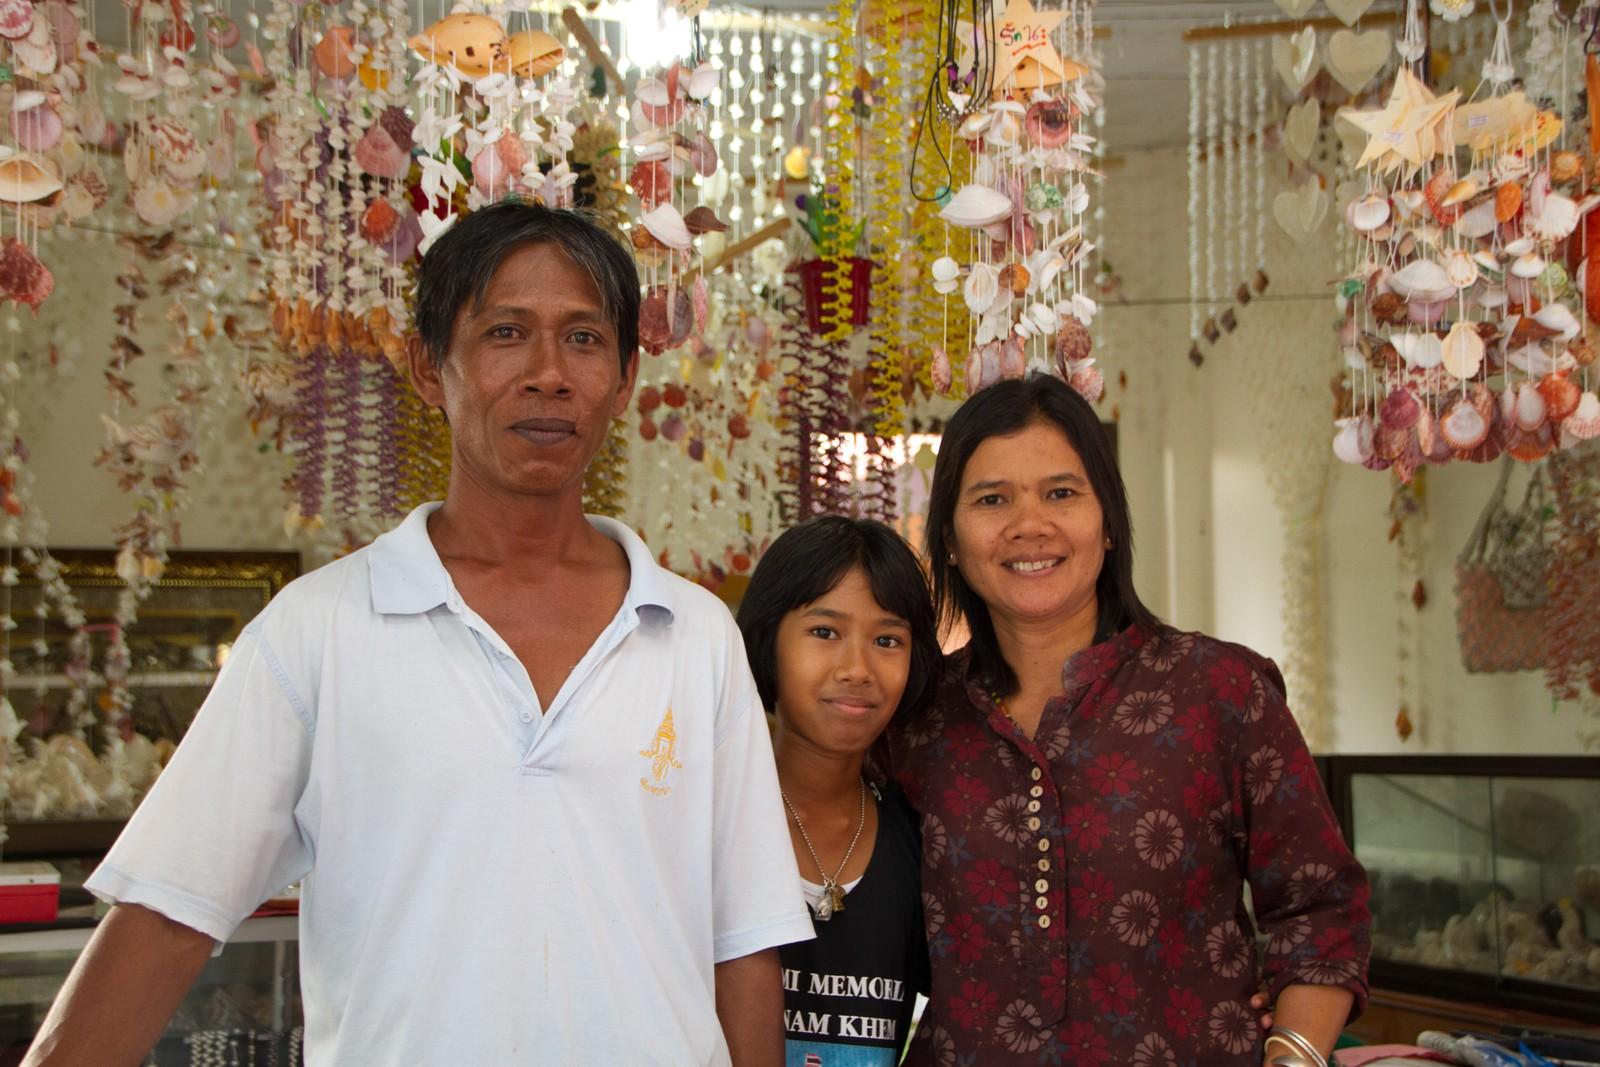 Familien ble rammet av tsunamien for 10 år siden. Datteren i midten overlevde, men de mistet en sønn. Før tsunamien drev de en restaurant, i dag en turistbod.